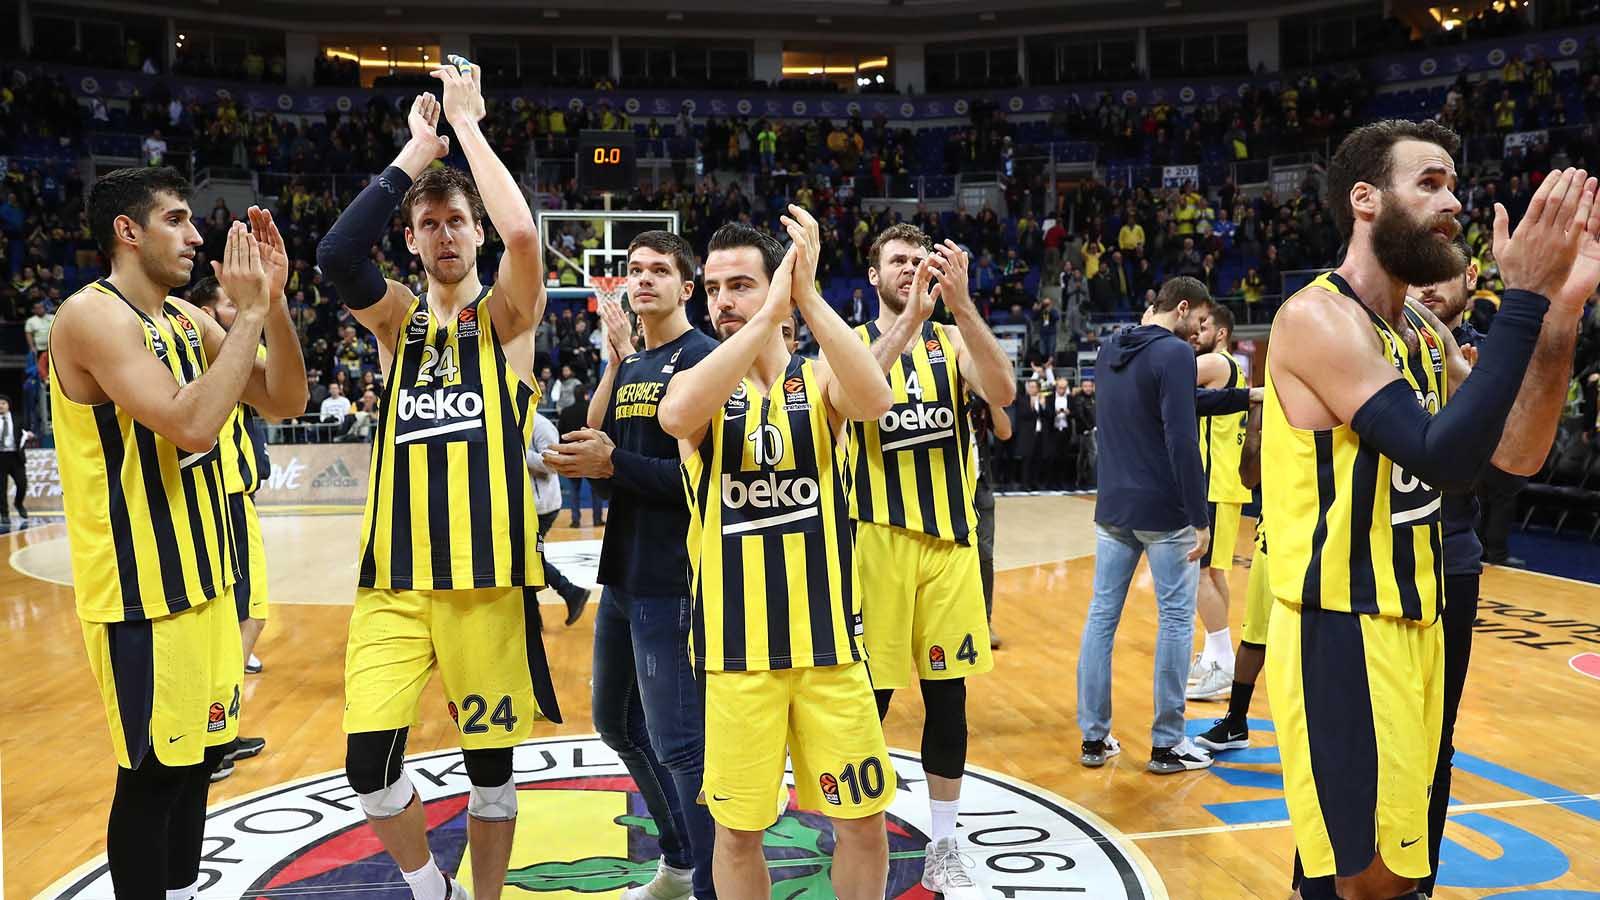 Fenerbahçe Beko'nun Üstün Başarısı!